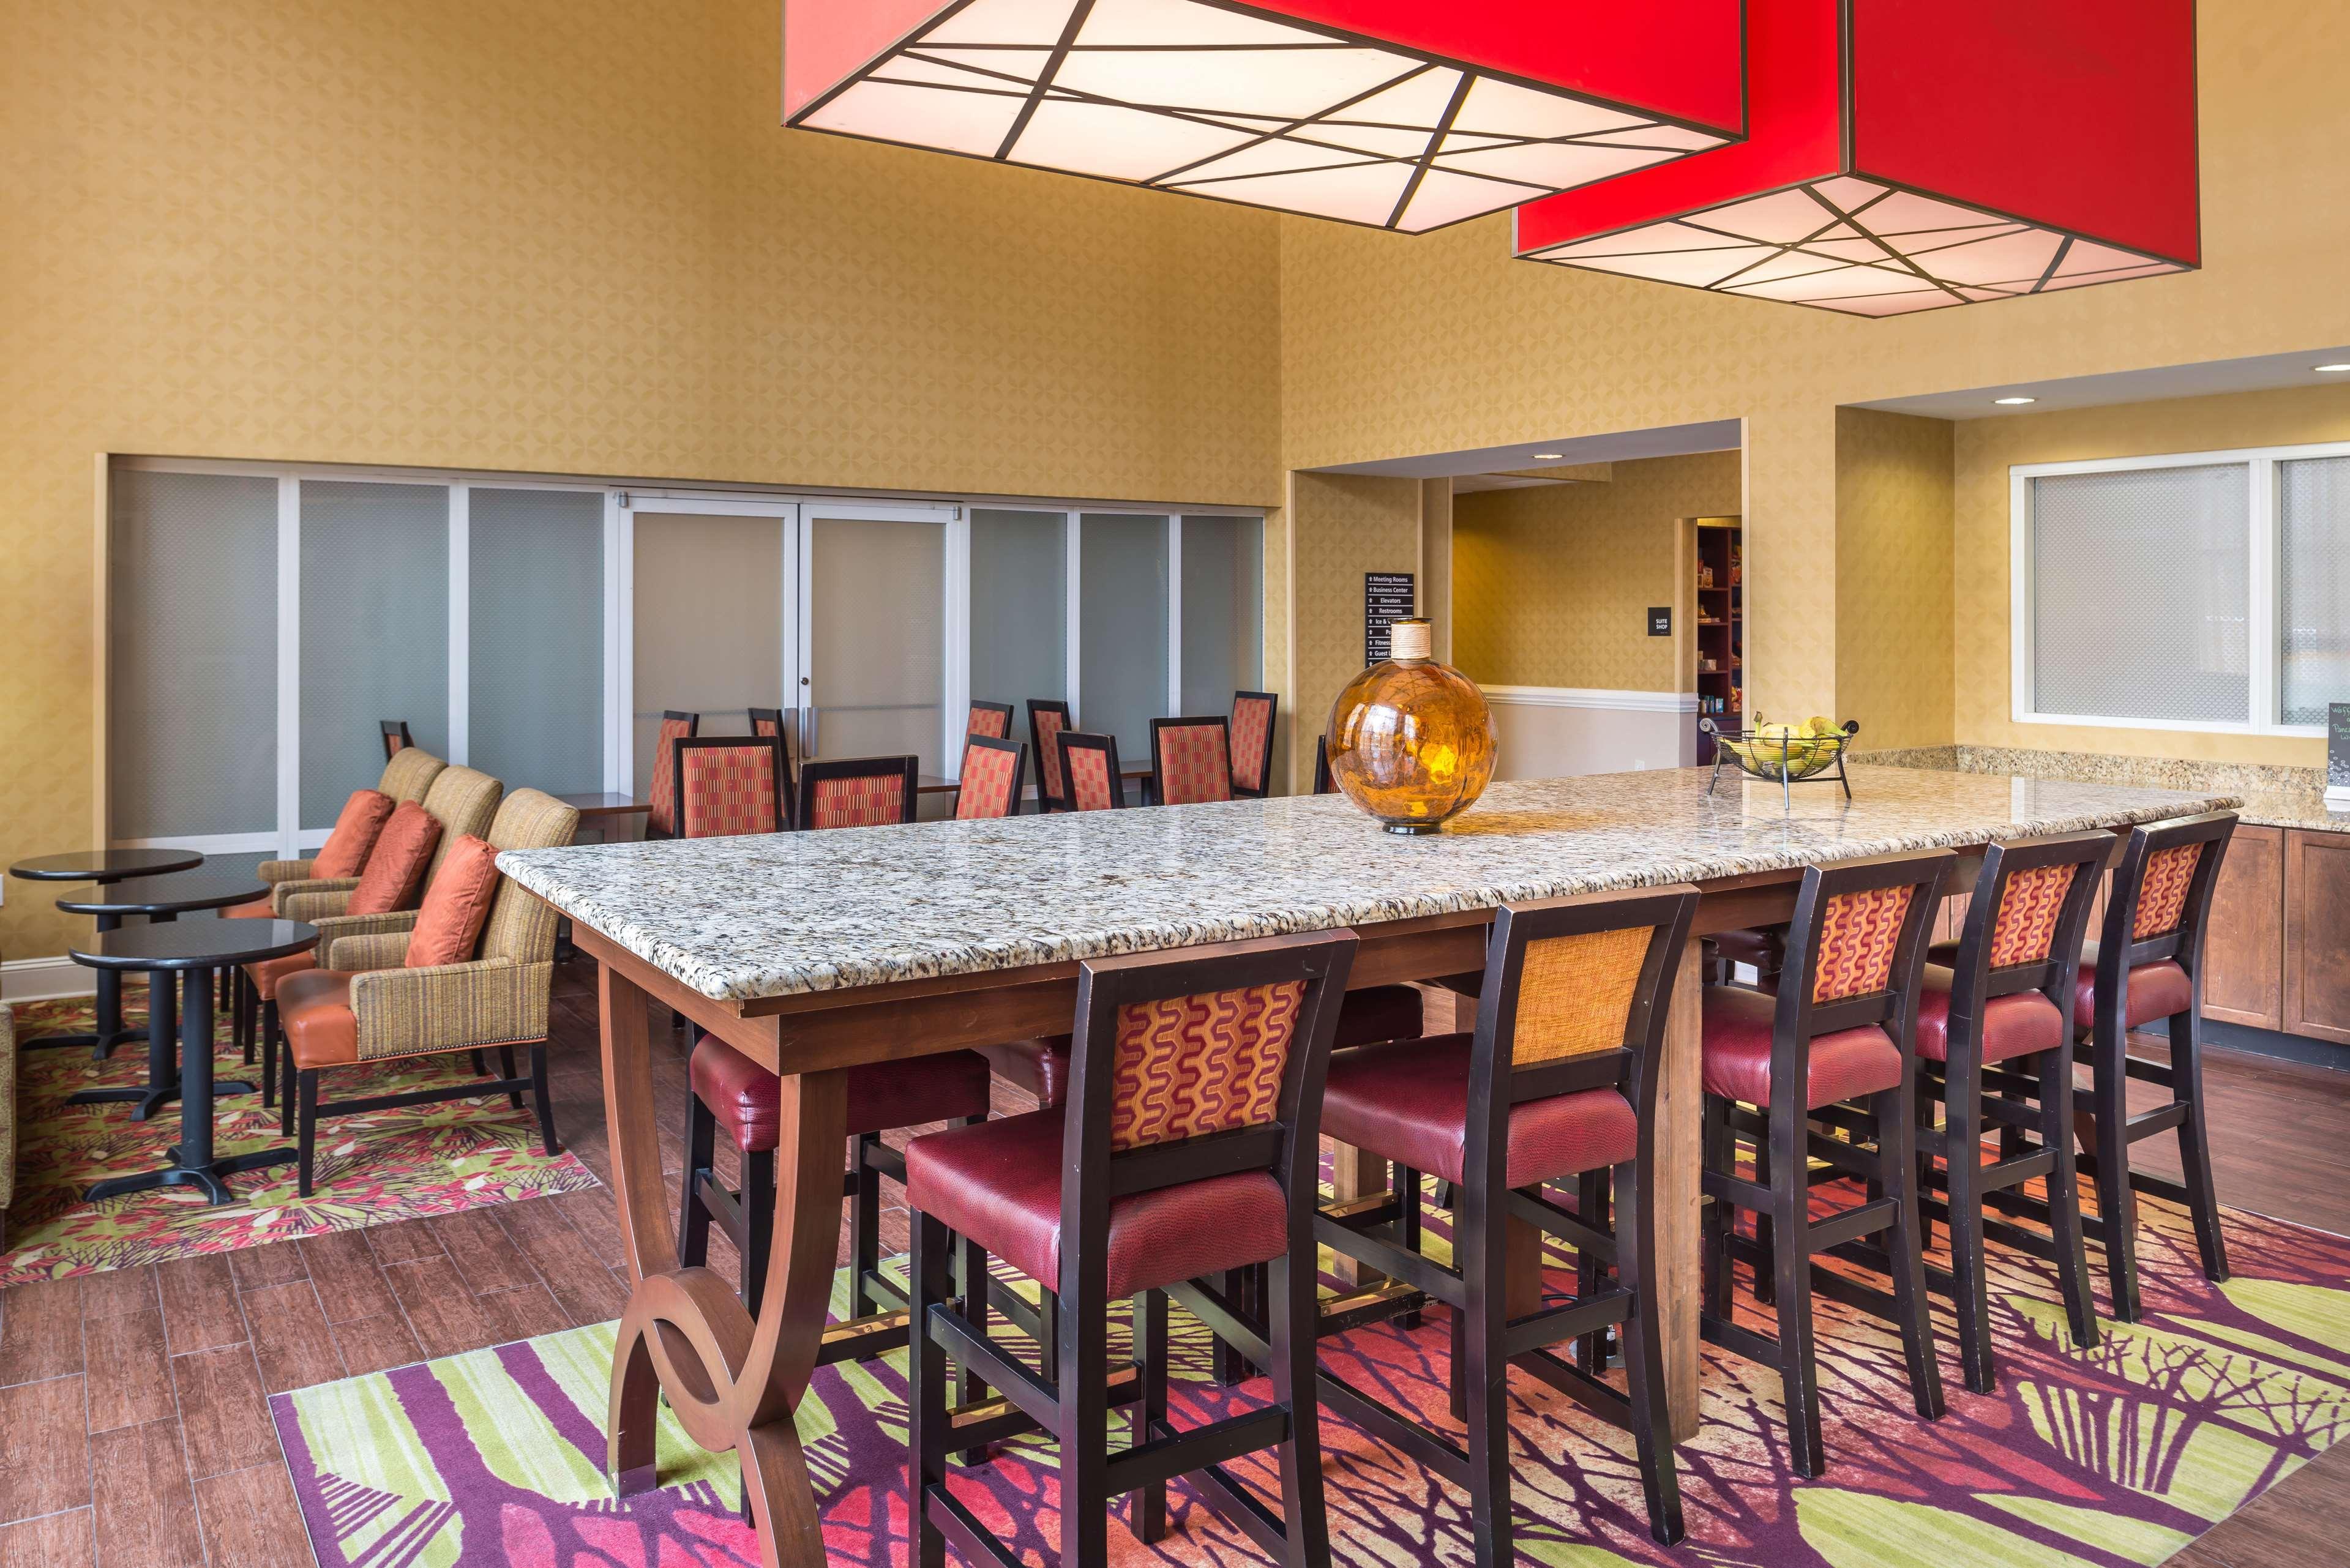 Hampton Inn & Suites Charlotte-Arrowood Rd. image 7